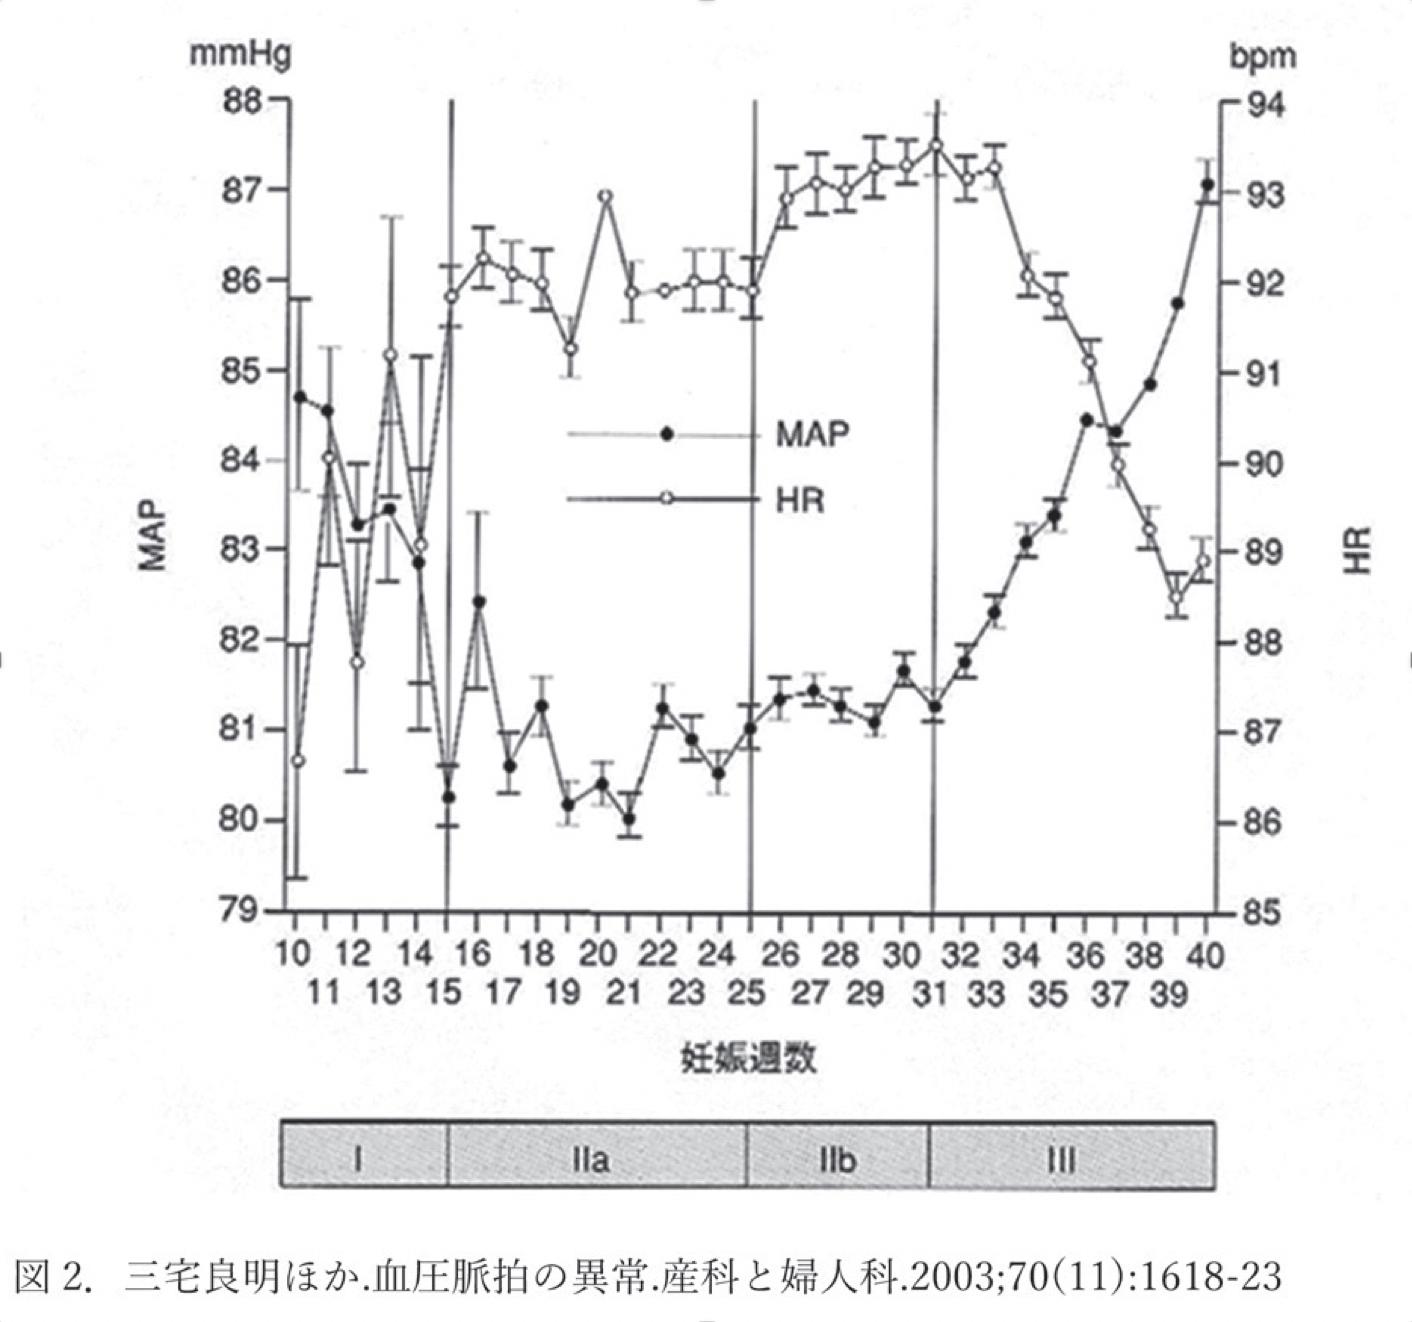 図2. 三宅良明ほか.血圧脈拍の異常.産科と婦人科.2003;70(11):1618-23